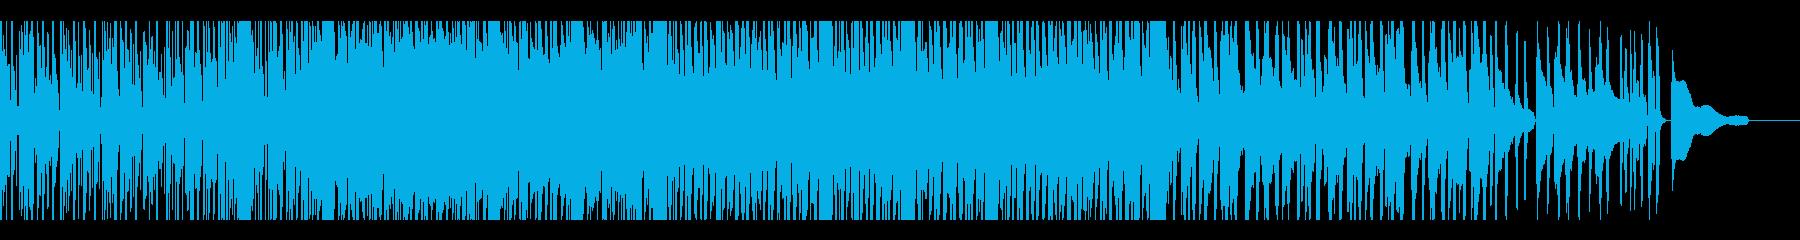 暑苦しい男の登場コミカルなサックス曲の再生済みの波形